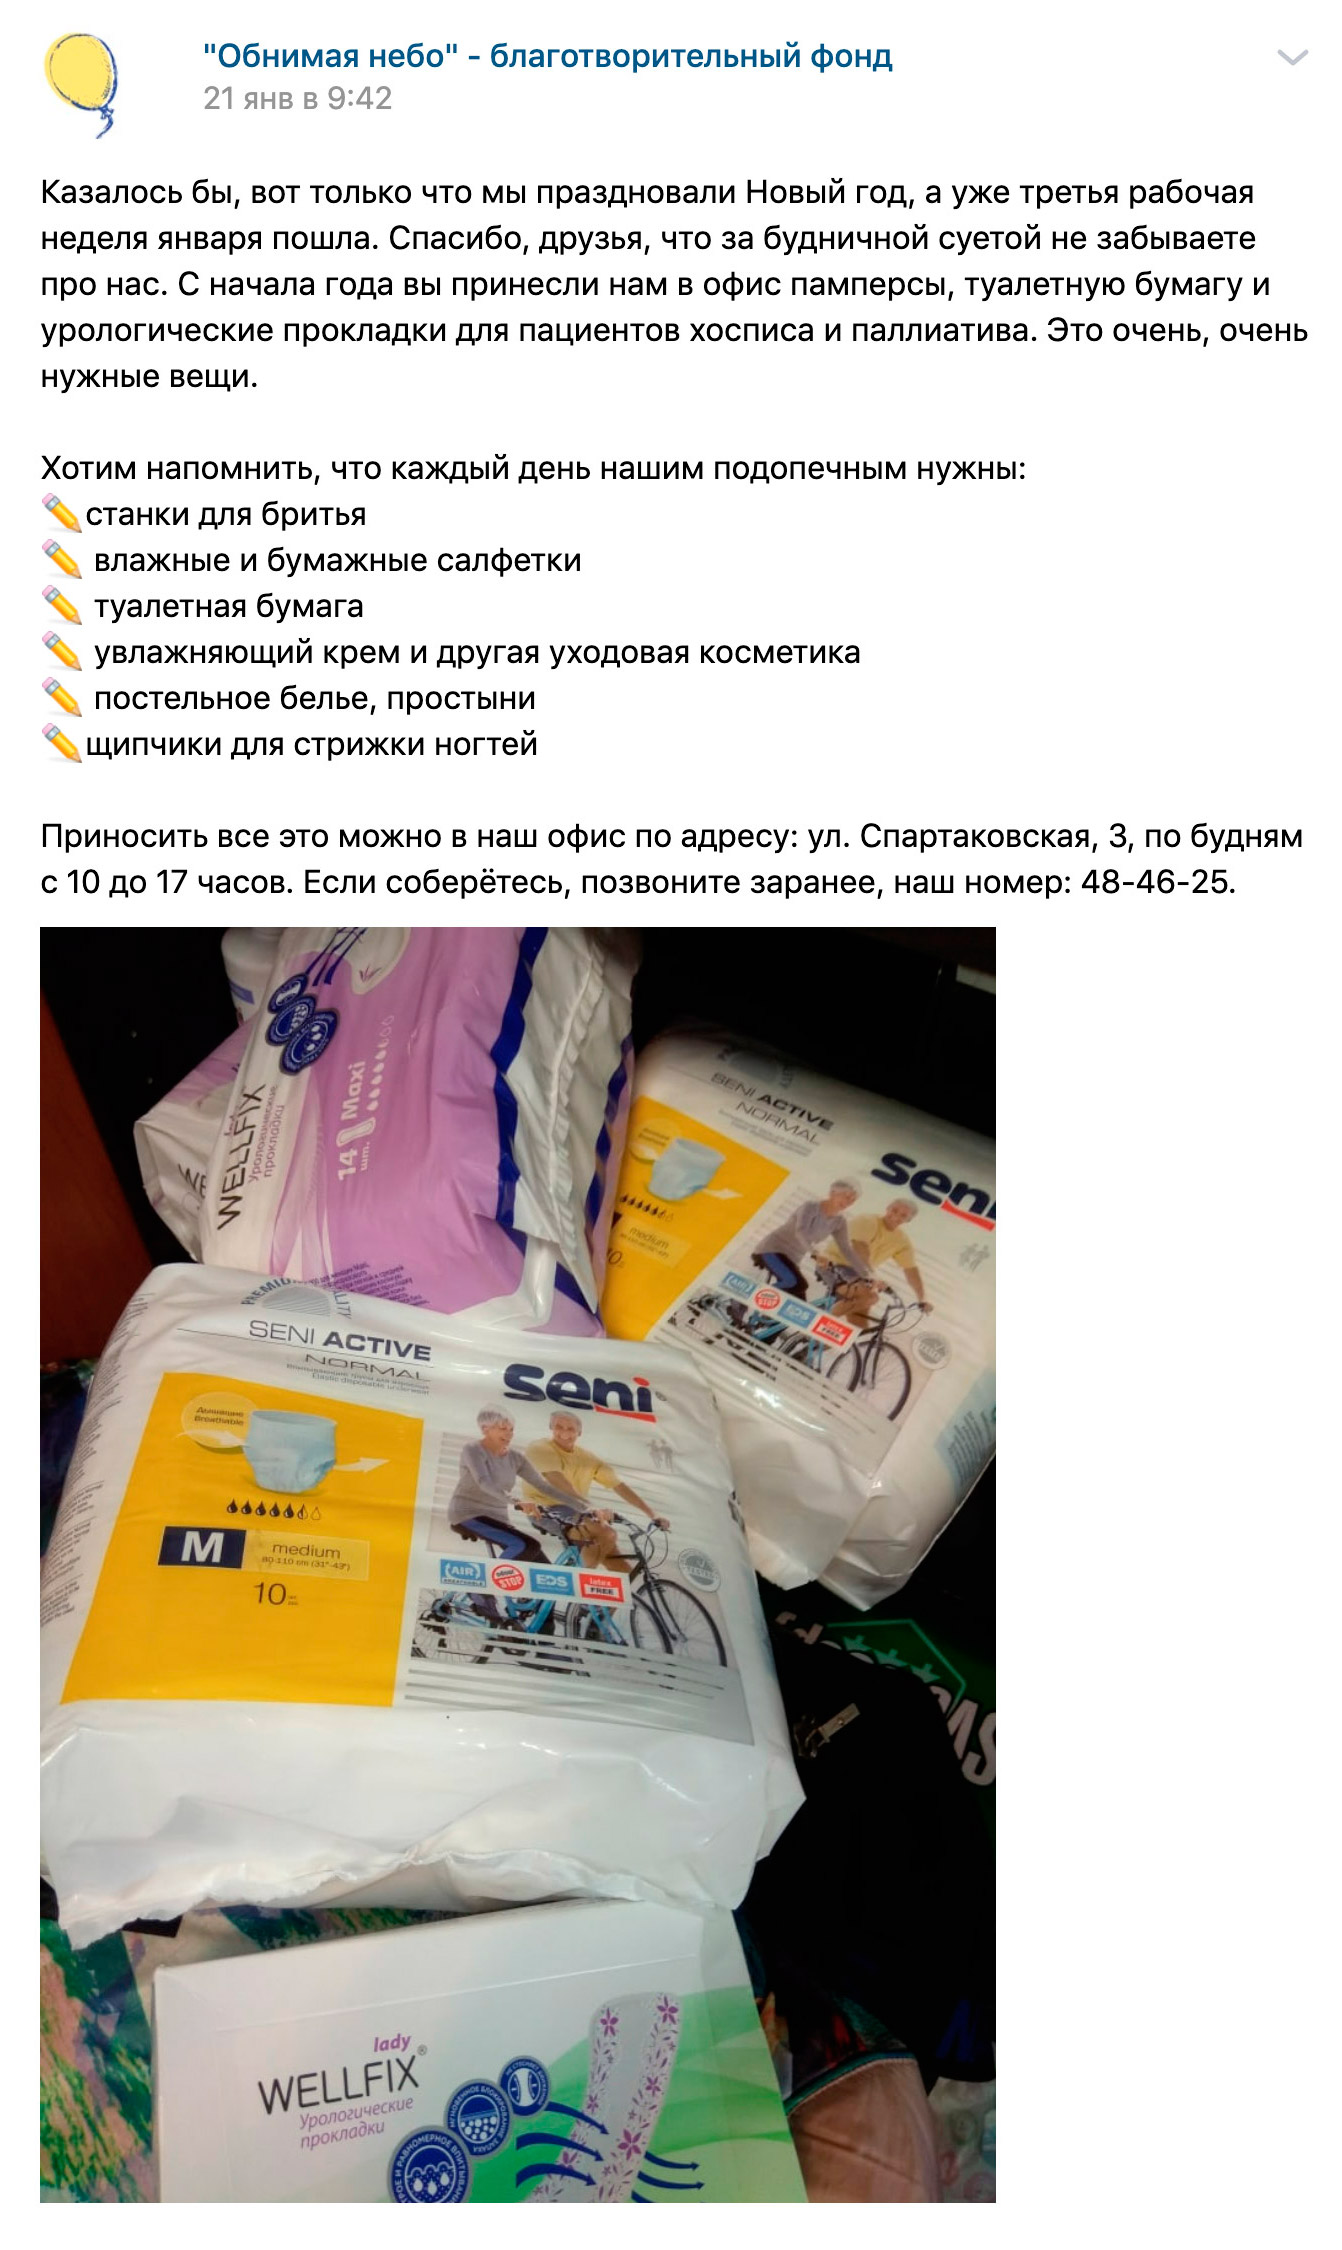 Еще в Омске средства гигиены принимают и раздают в фонде паллиативной помощи «Обнимая небо»